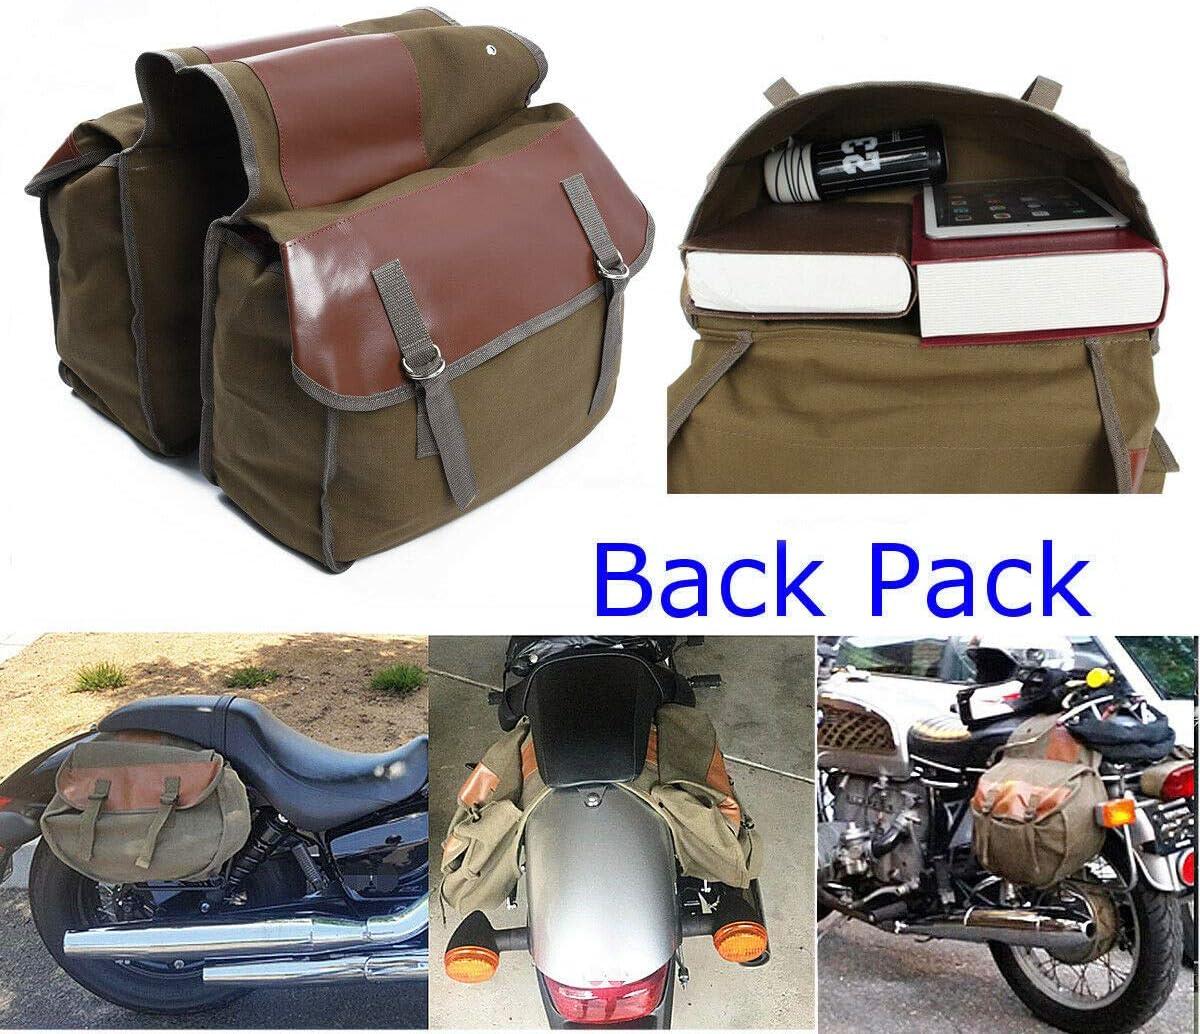 RENNICOCO Sacoche de Moto Robuste Sacoche de Moto Grande capacit/é Sacoche de Moto Parfaite pour Le Voyage